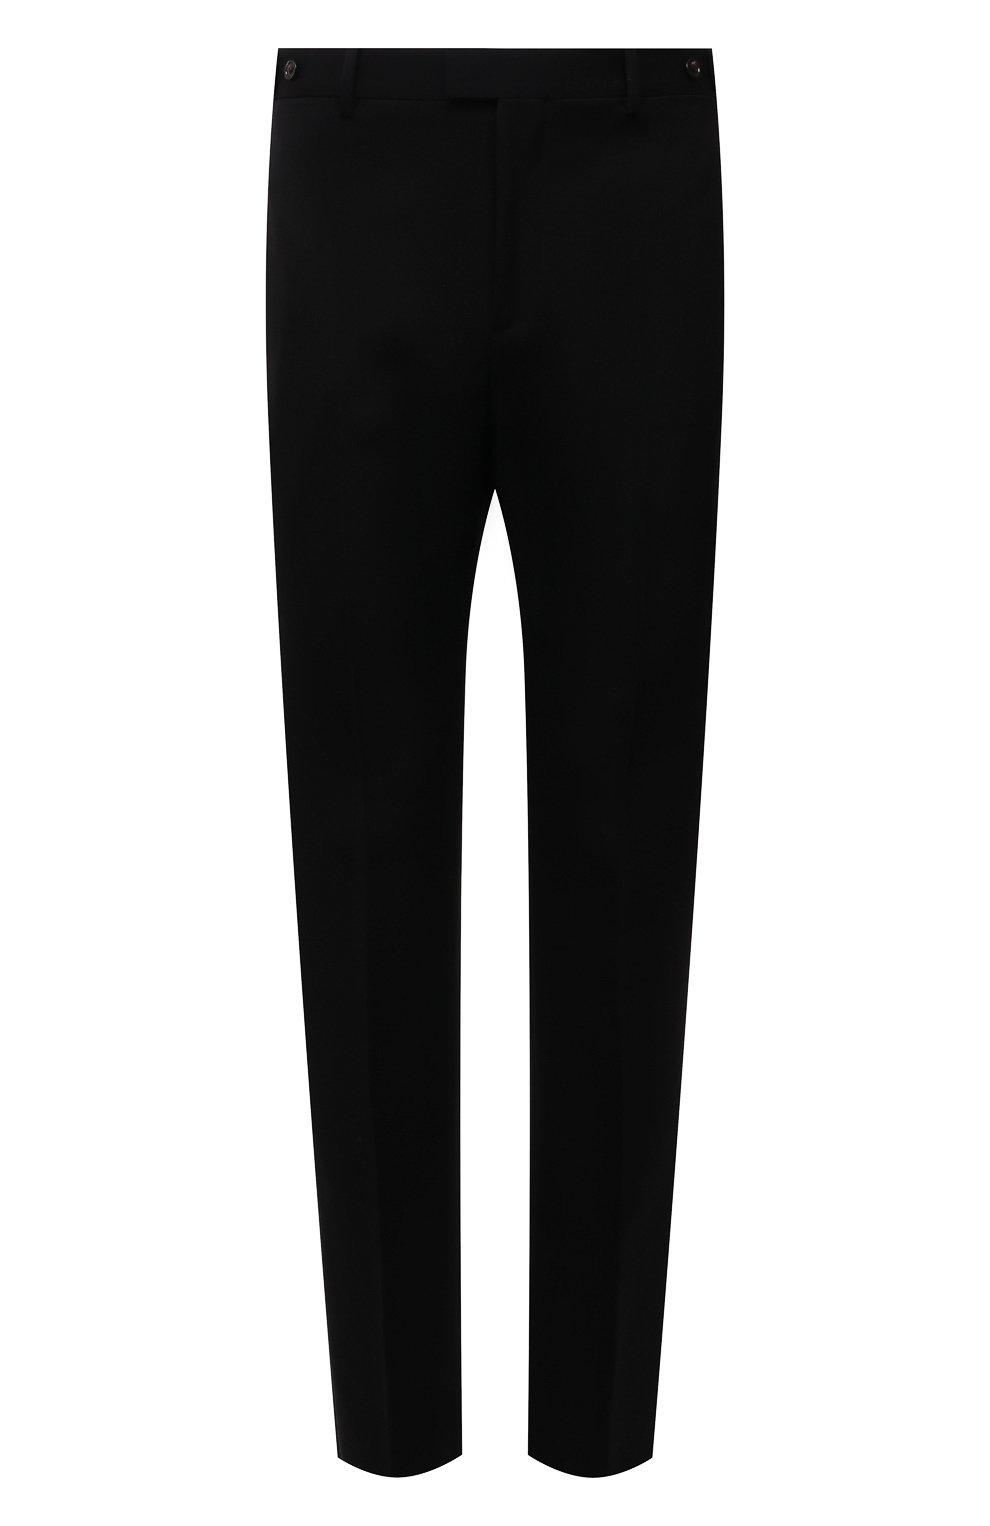 Мужские шерстяные брюки BOTTEGA VENETA черного цвета, арт. 659698/VKIS0   Фото 1 (Материал внешний: Шерсть; Длина (брюки, джинсы): Стандартные; Случай: Повседневный; Стили: Минимализм)